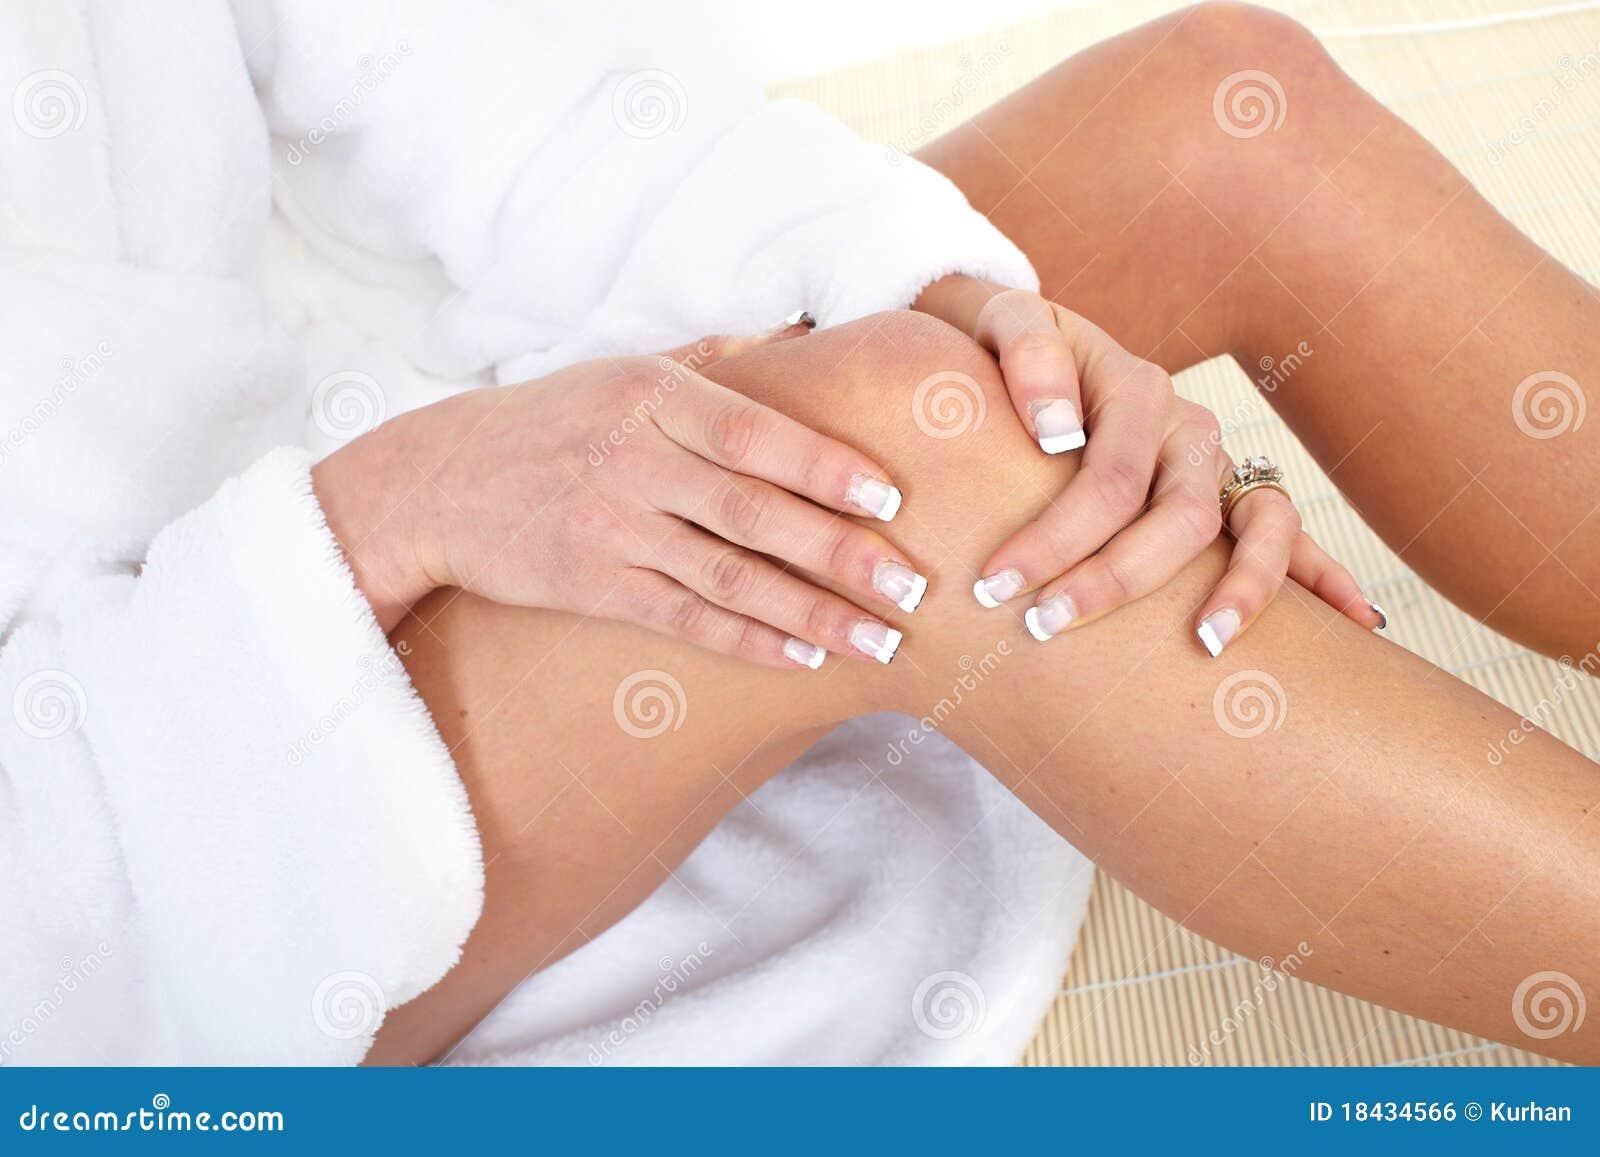 Dolor de la rodilla